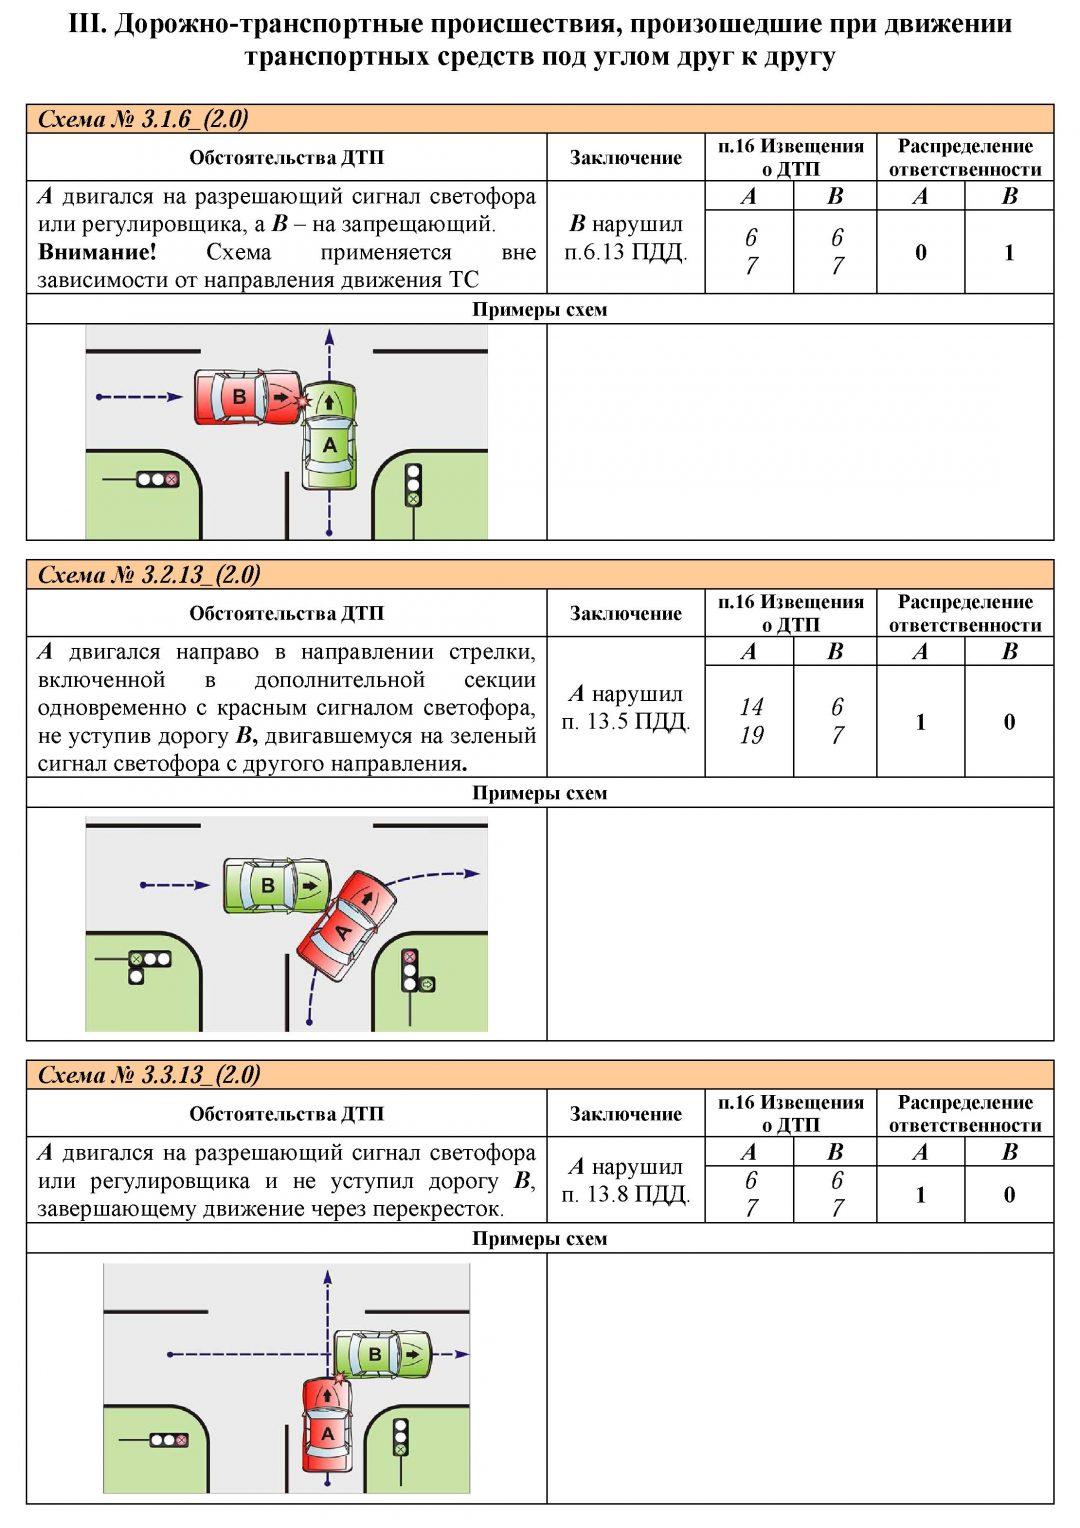 Образец схемы при составлении дтп